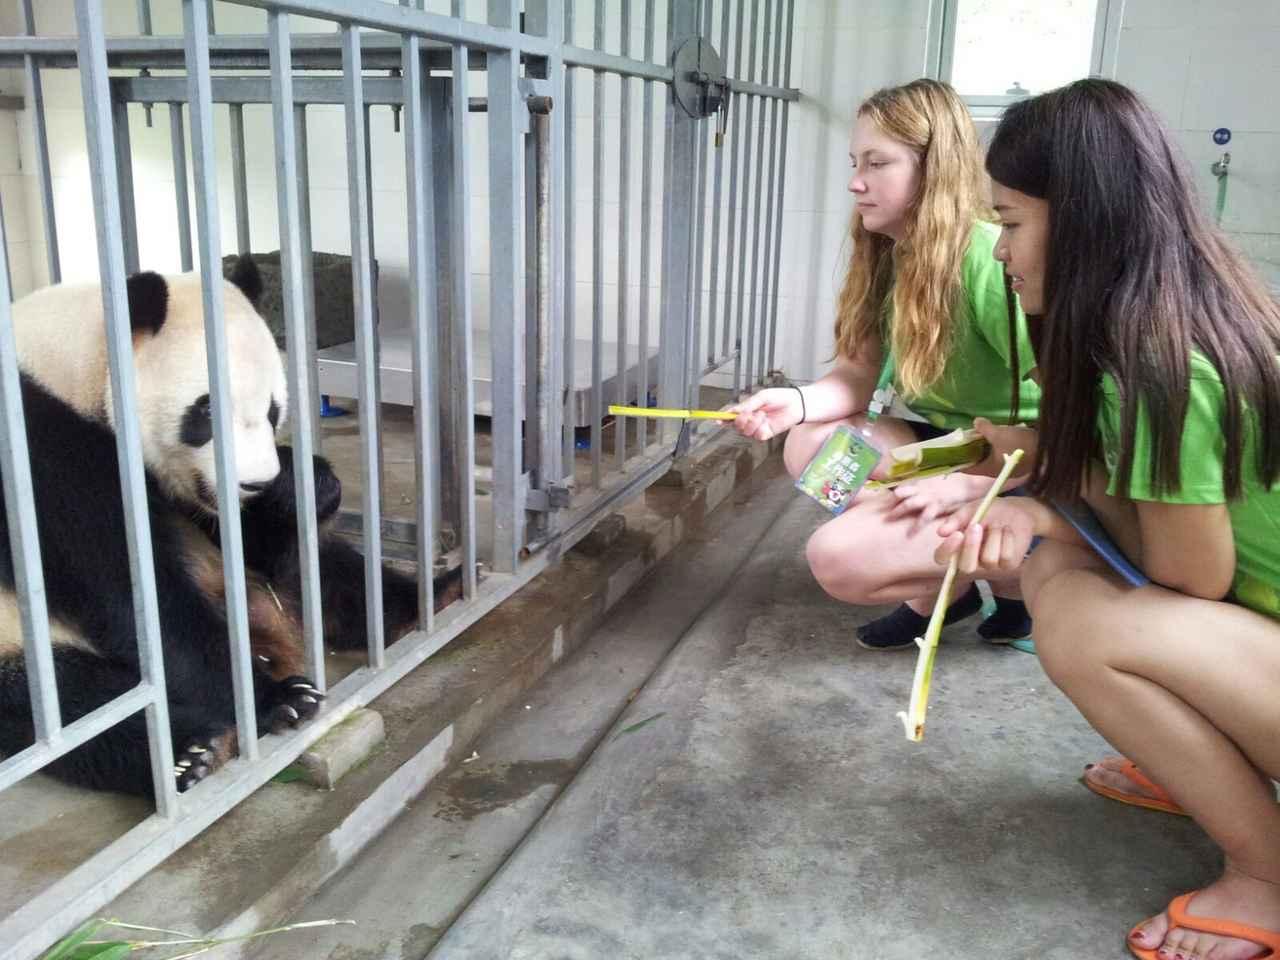 画像: <女性限定>『憧れのパンダに大接近!パンダのふるさとdeふわふわ天国 中国・四川省 6日間』<中国五千年倶楽部> パンダのお世話体験にご案内 クラブツーリズム